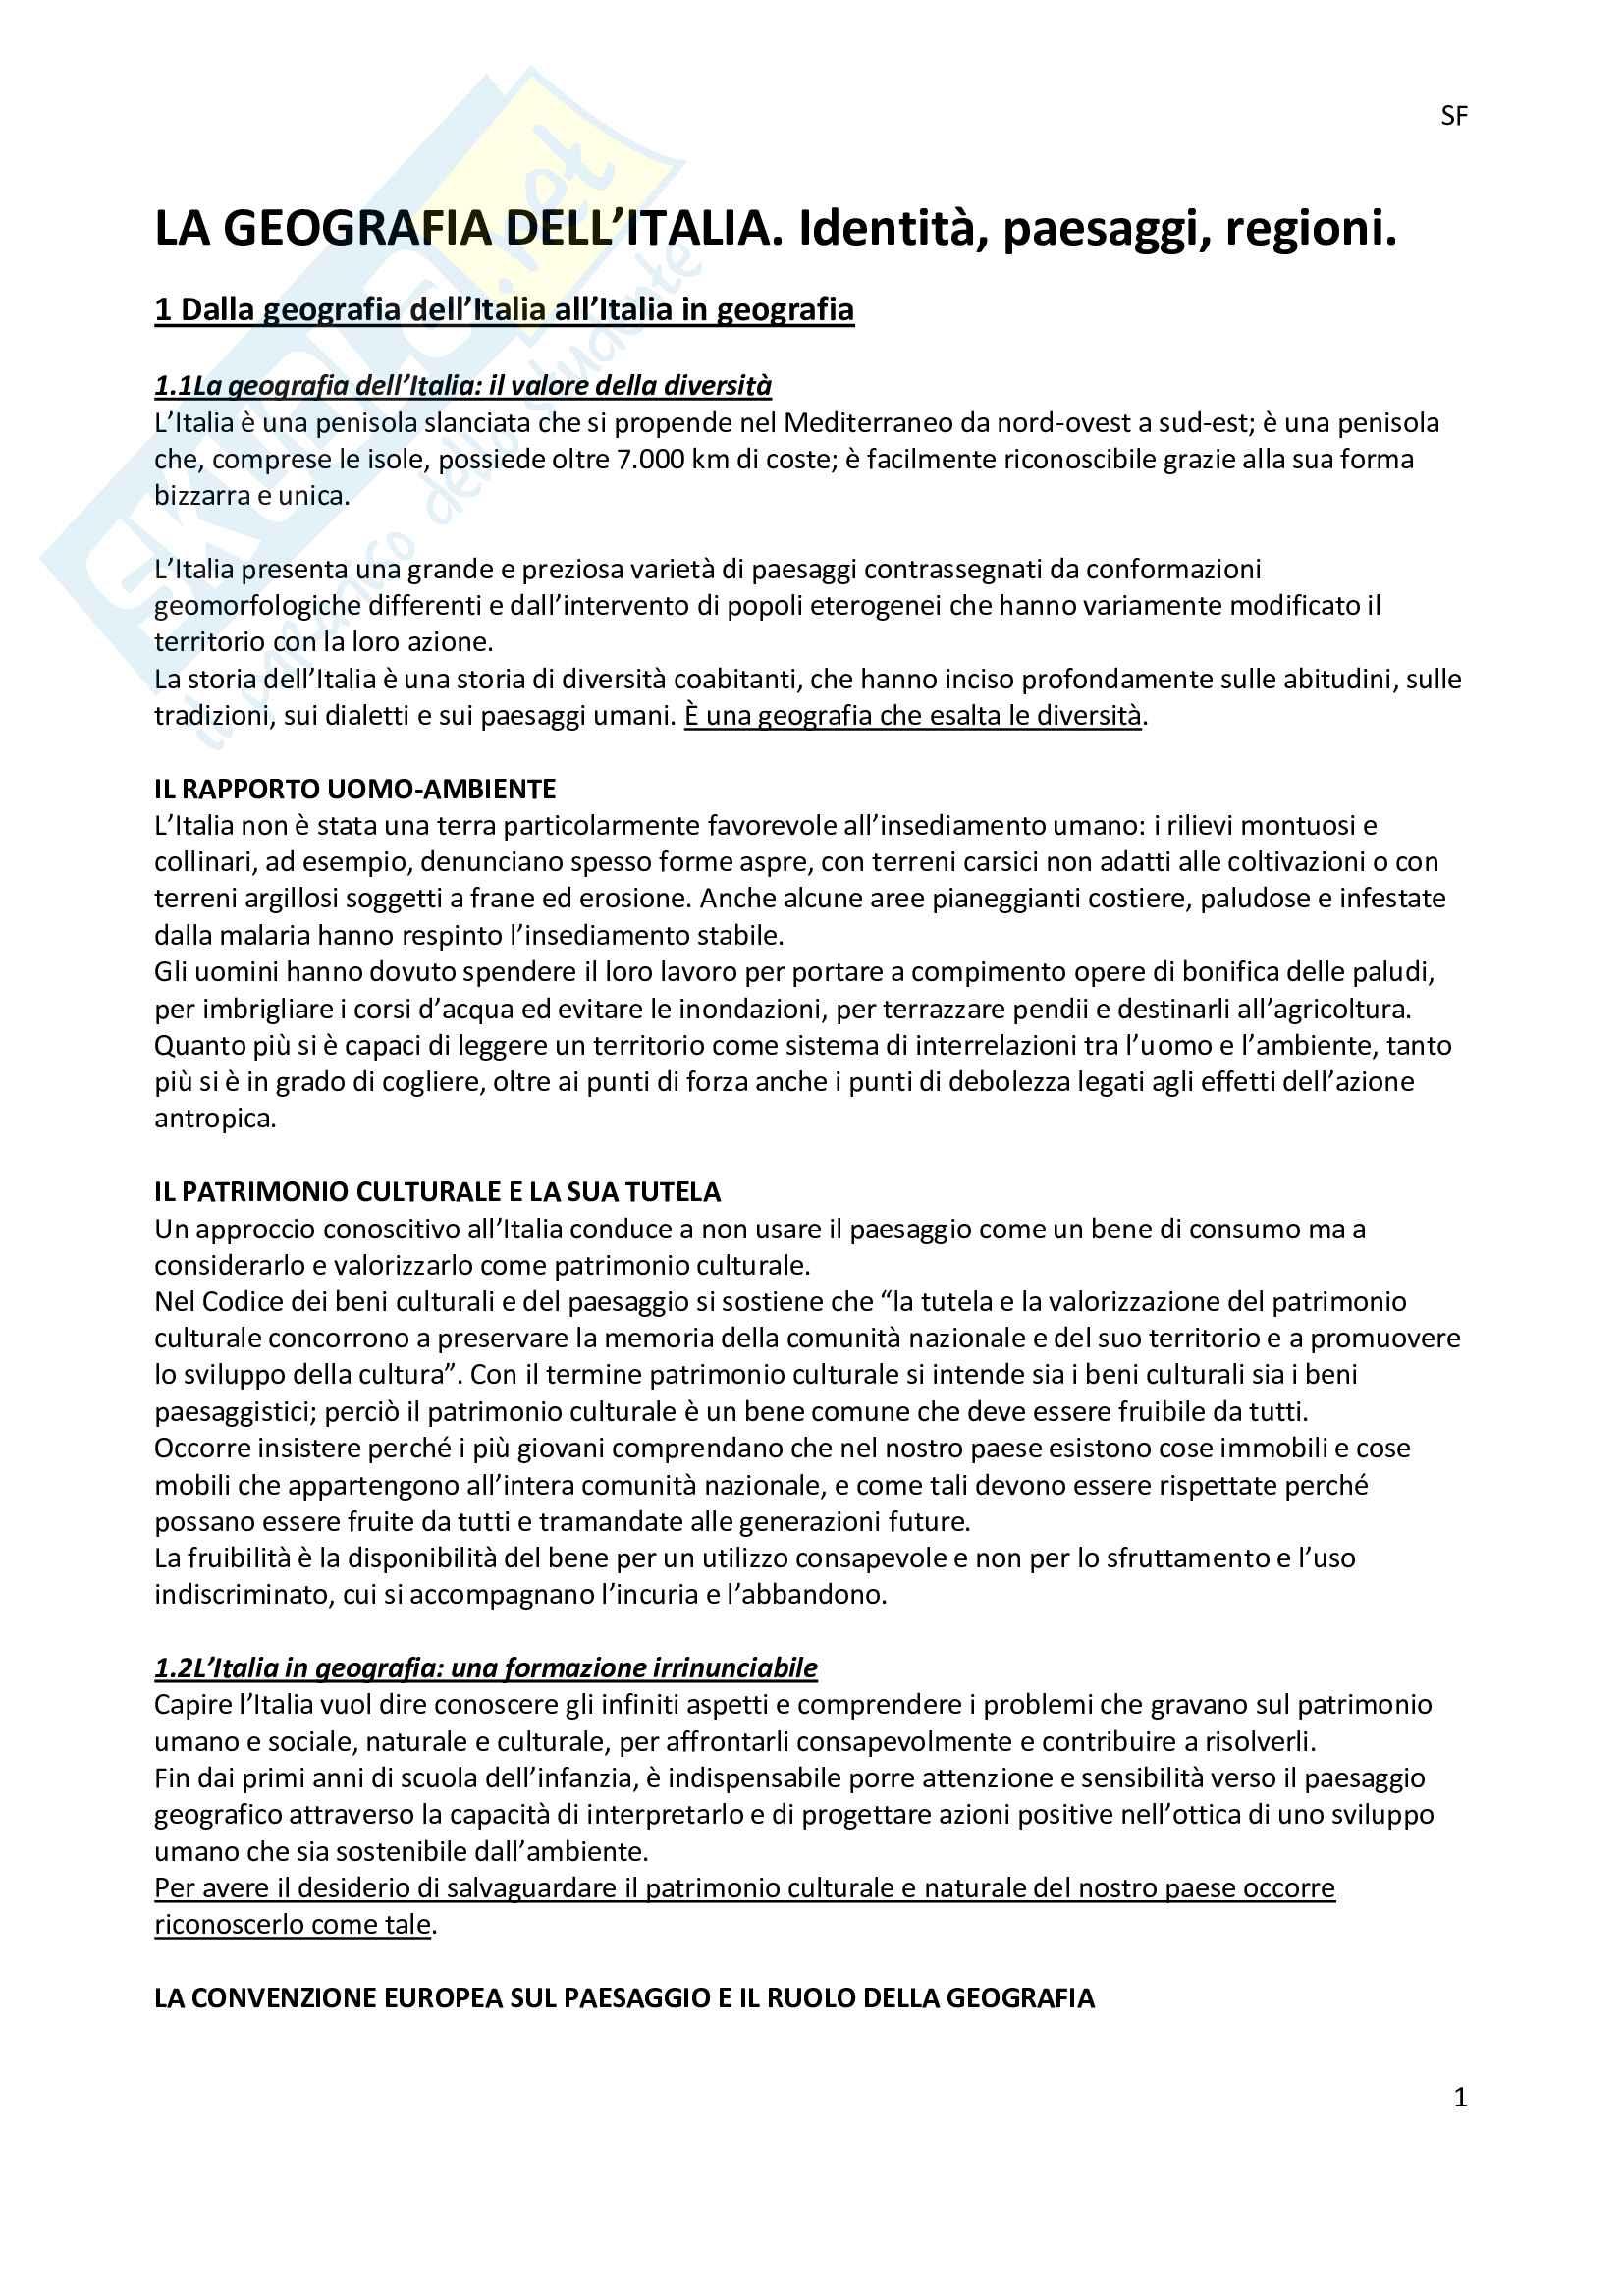 Riassunto esame geografia, docente Molinari, libro consigliato La geografia dell'Italia,Pasquinelli, d'Allegra